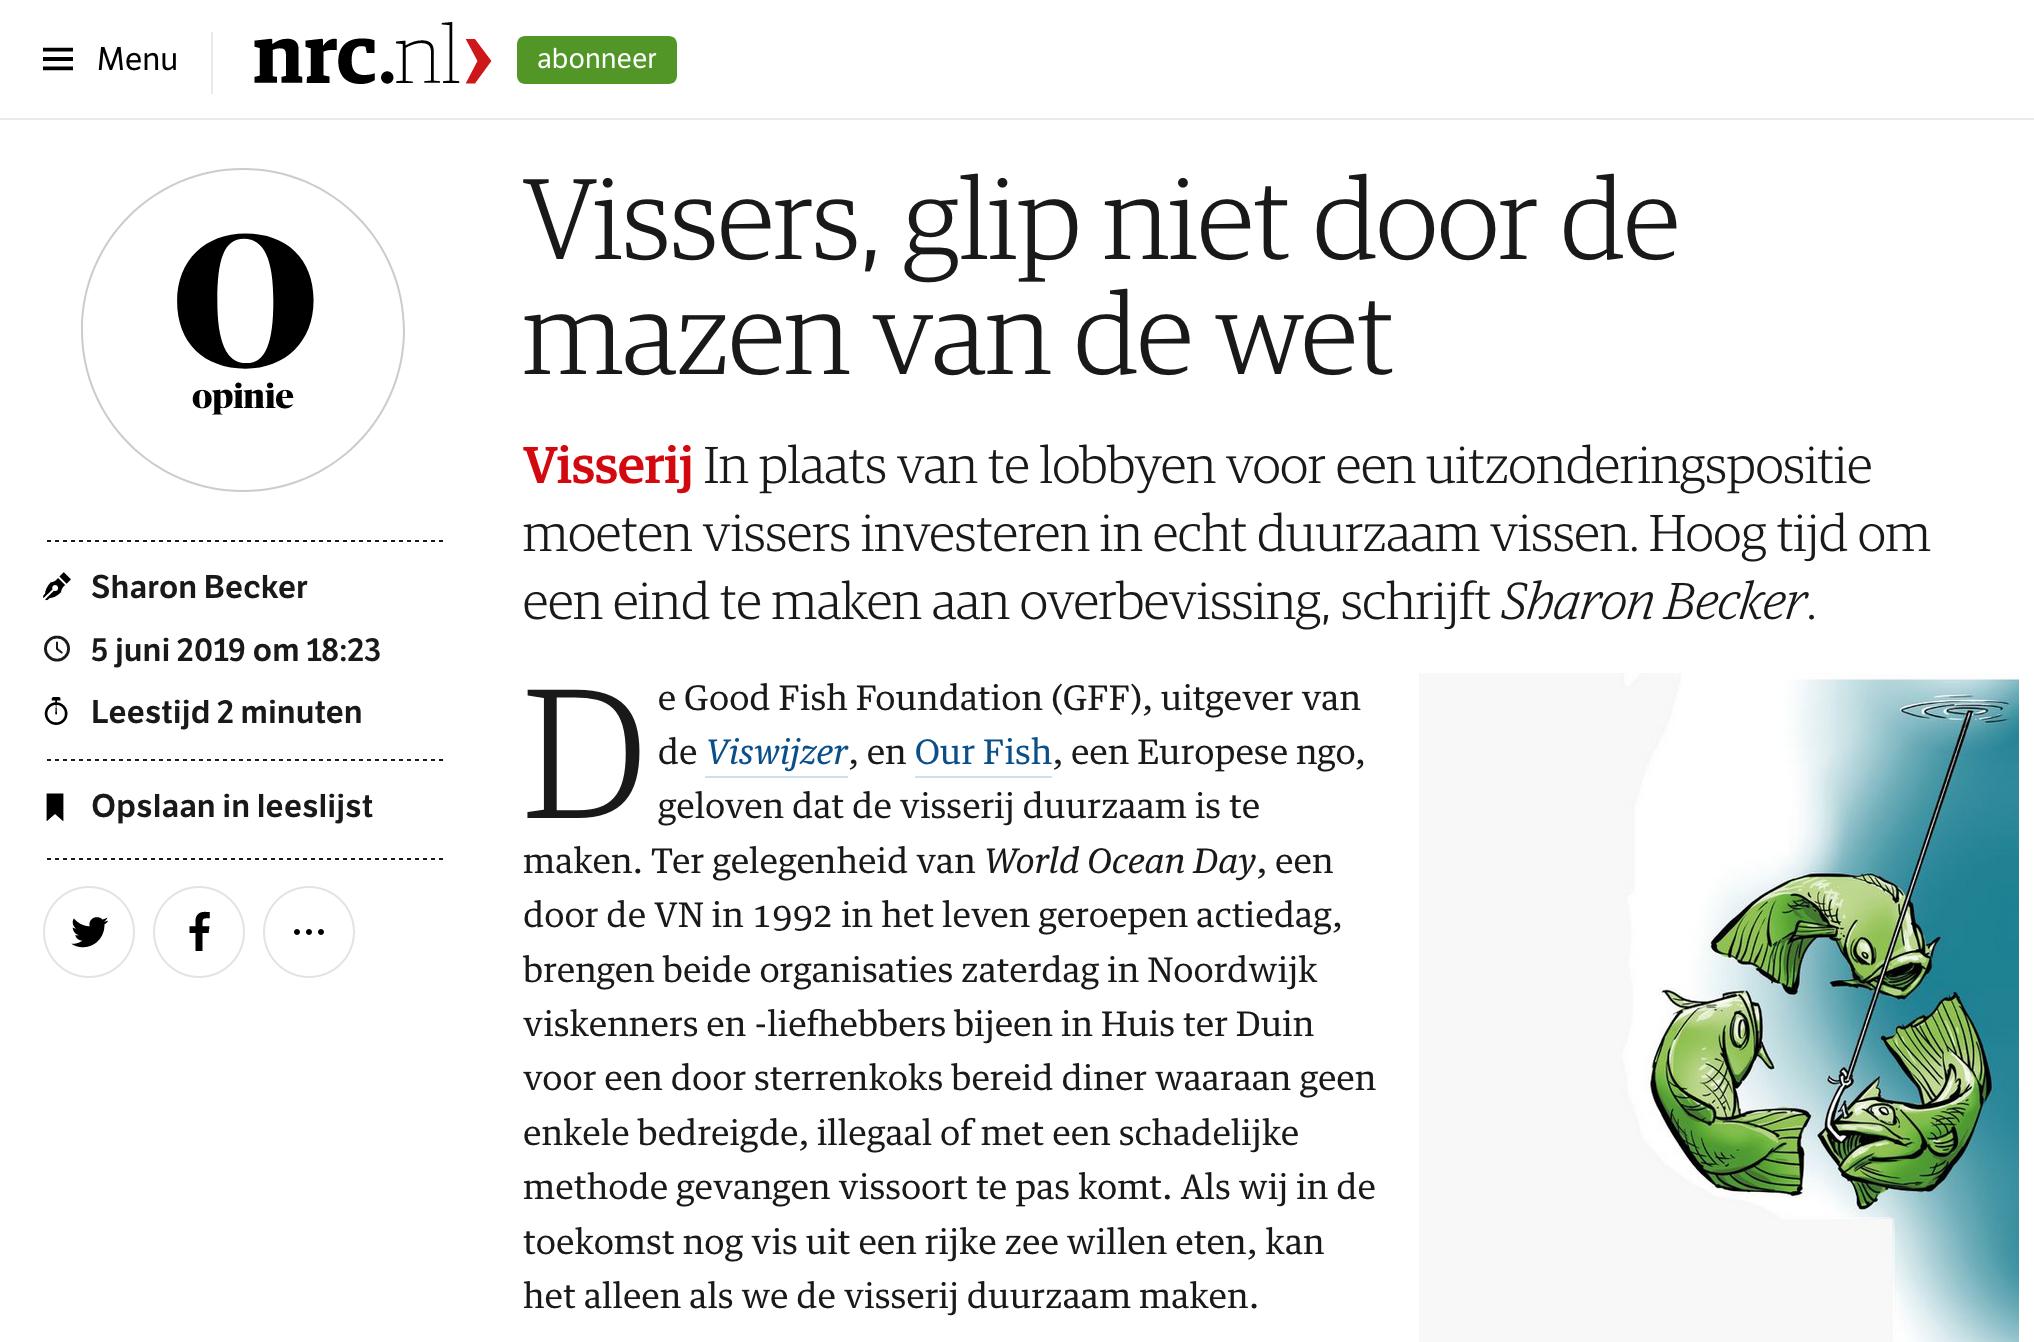 NRC.nl: Vissers, glip niet door de mazen van de wet